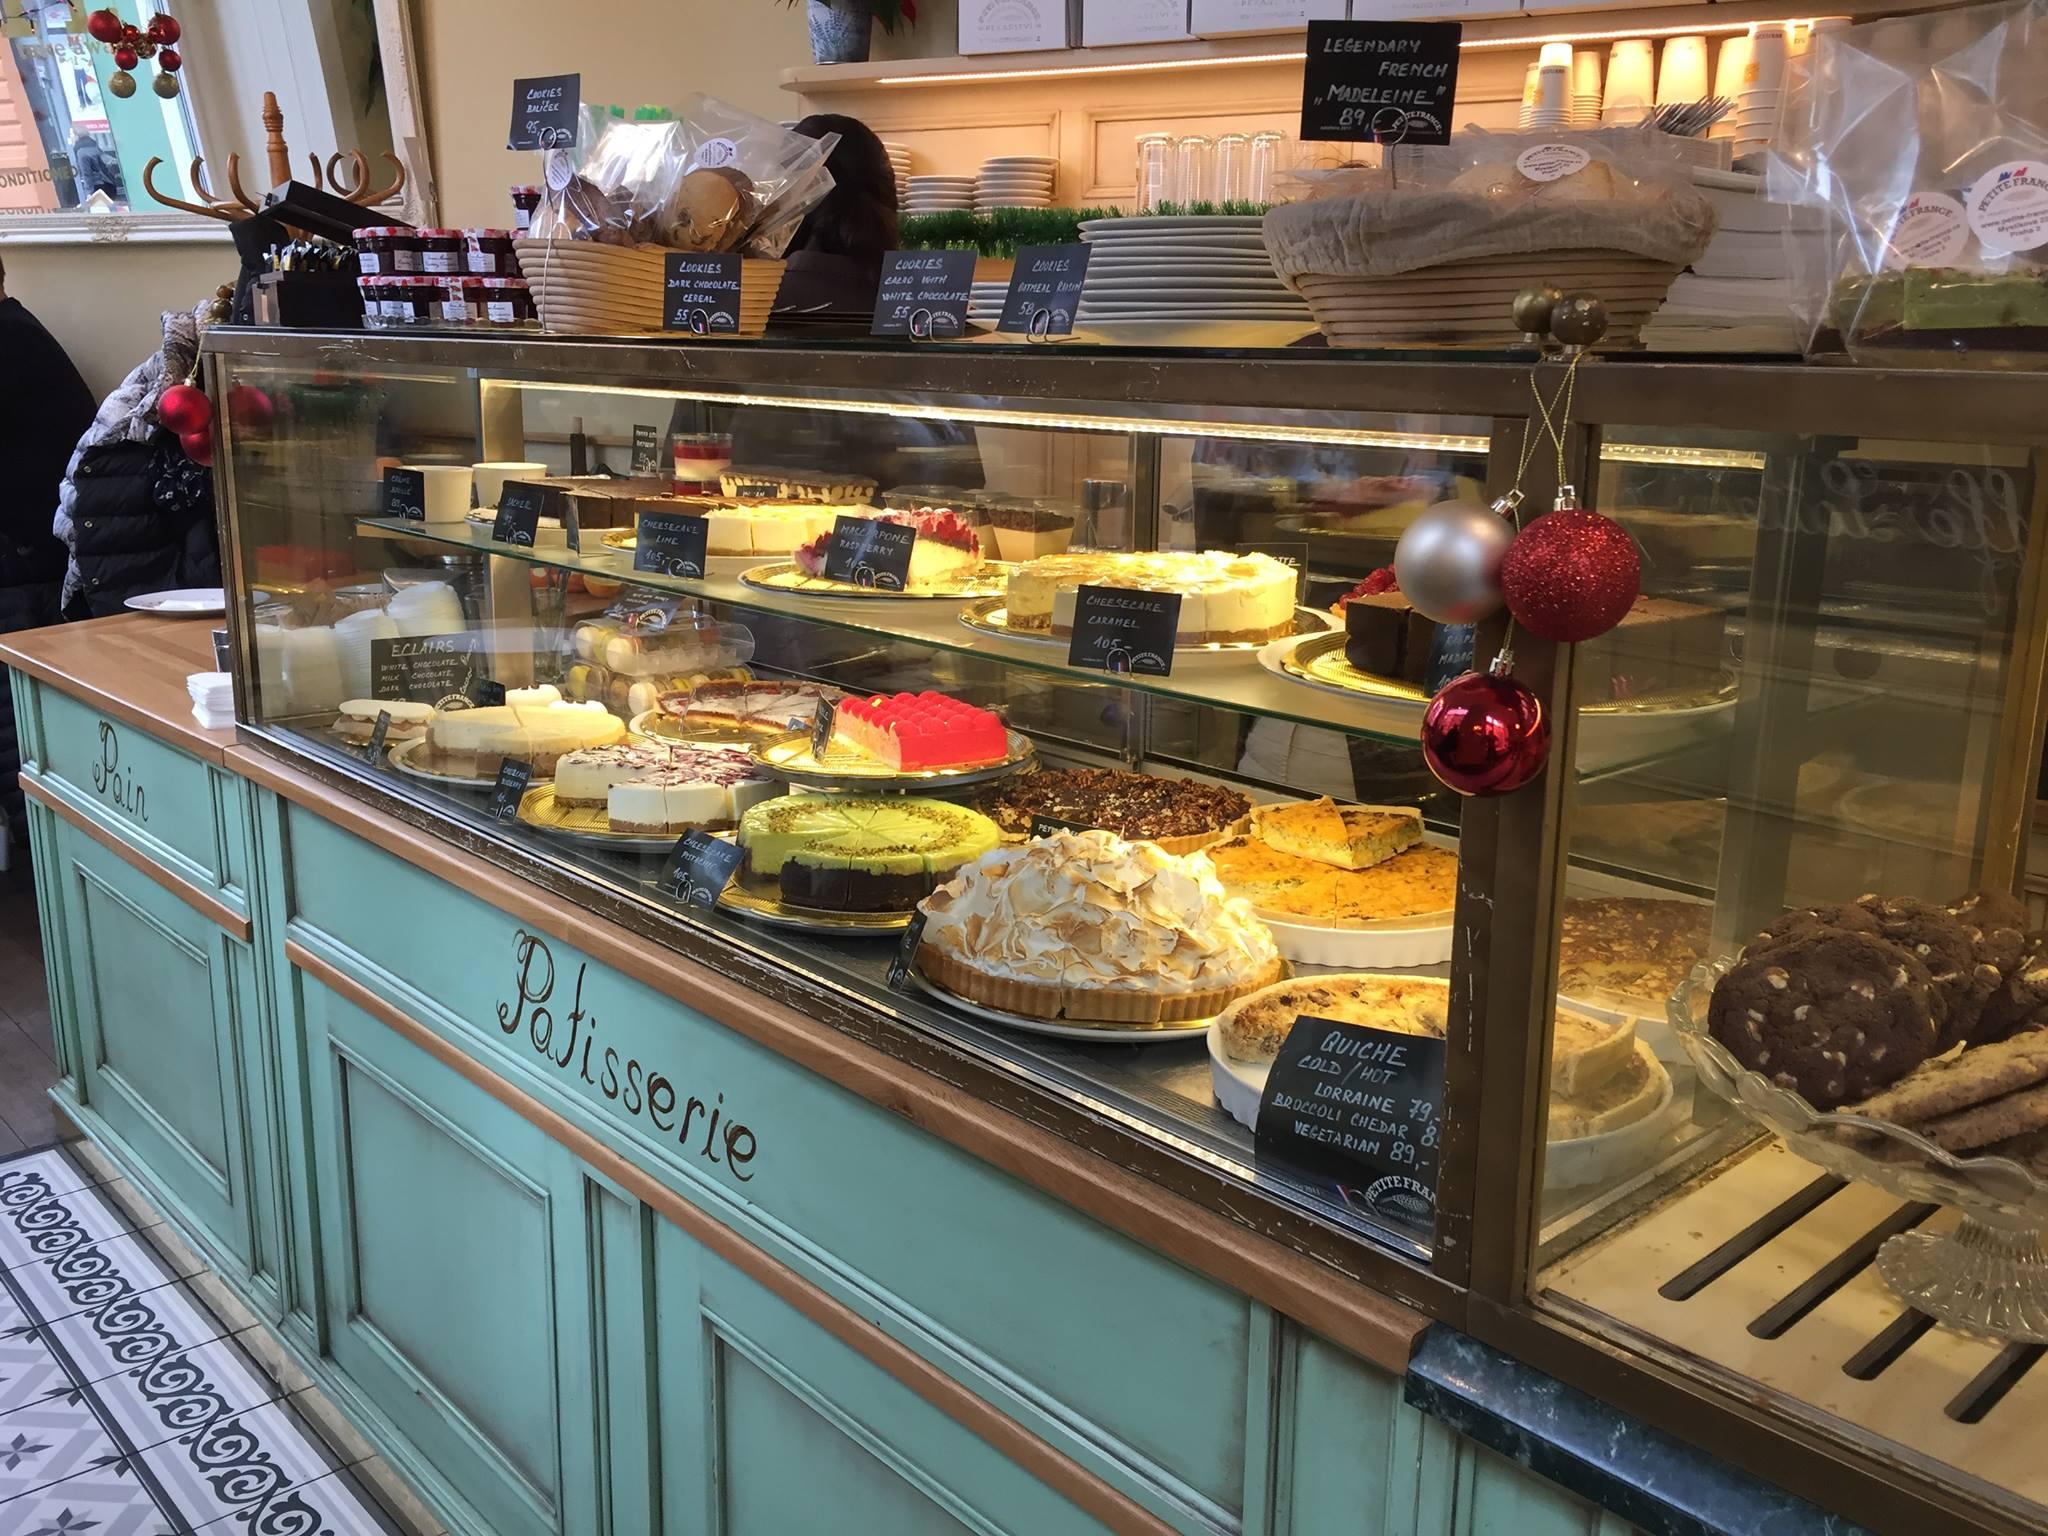 Petite France Boulangerie - Prague.eu